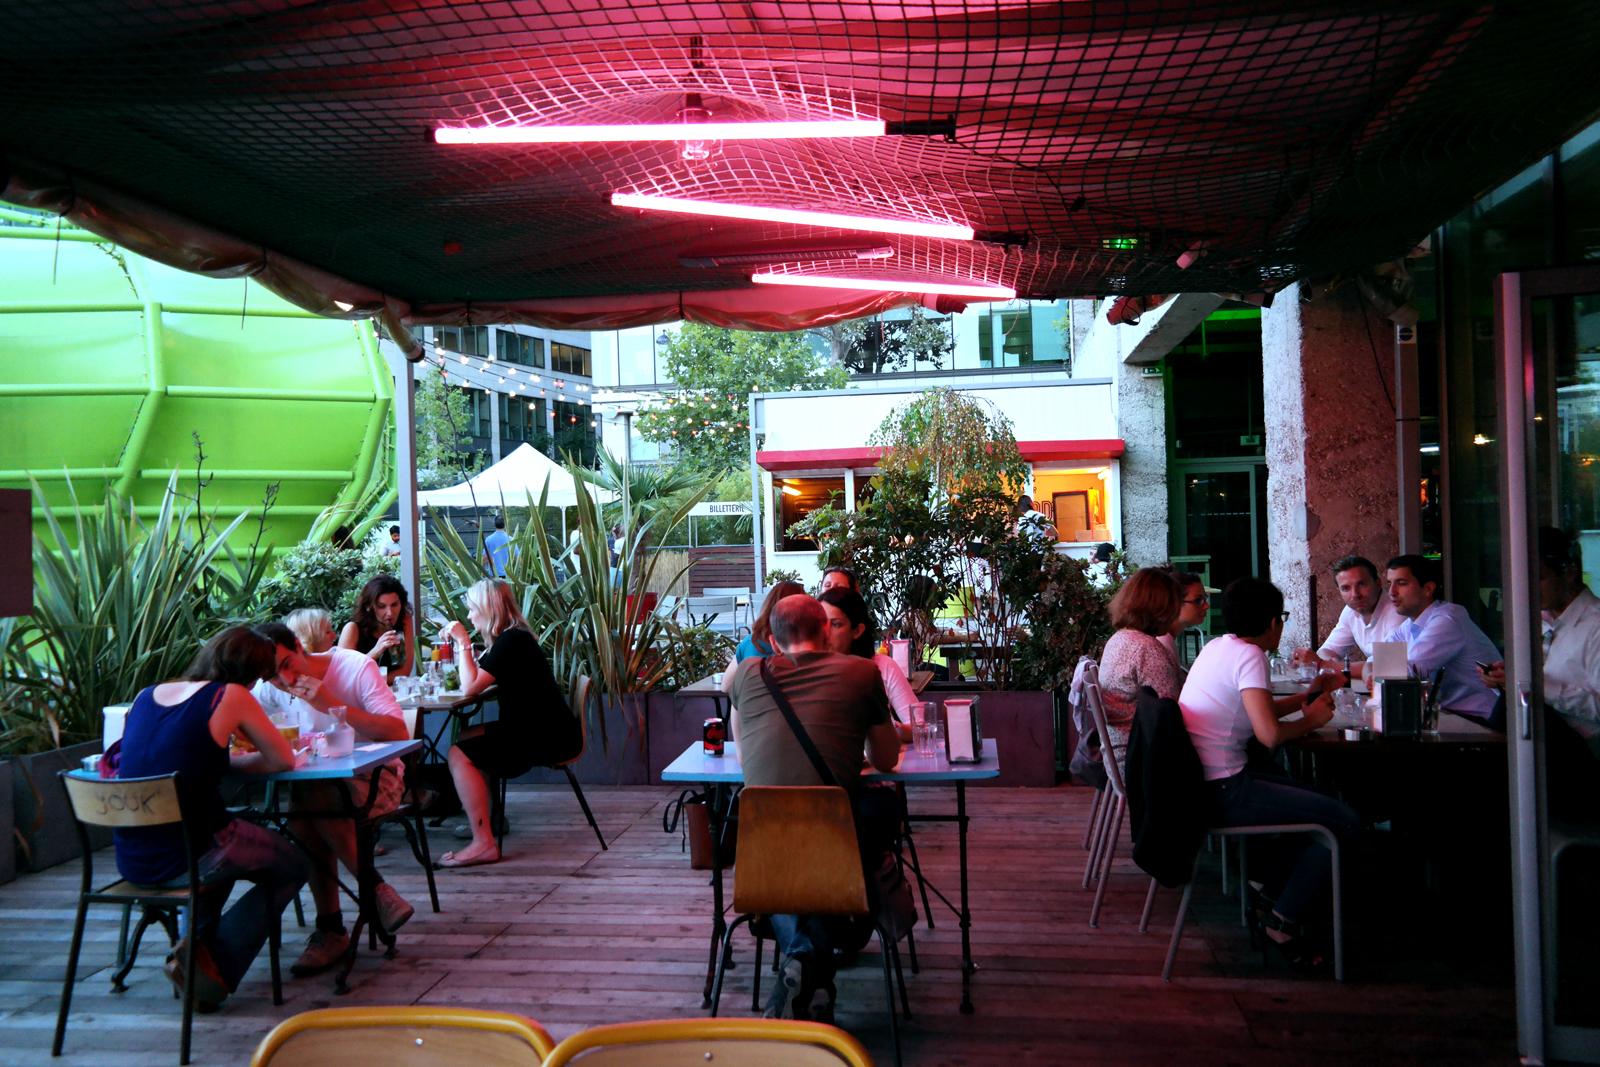 Terrasse Diner Bedford Wanderlust cocktails & burgers restaurant Cité de la Mode et du Design photo united states of paris blog